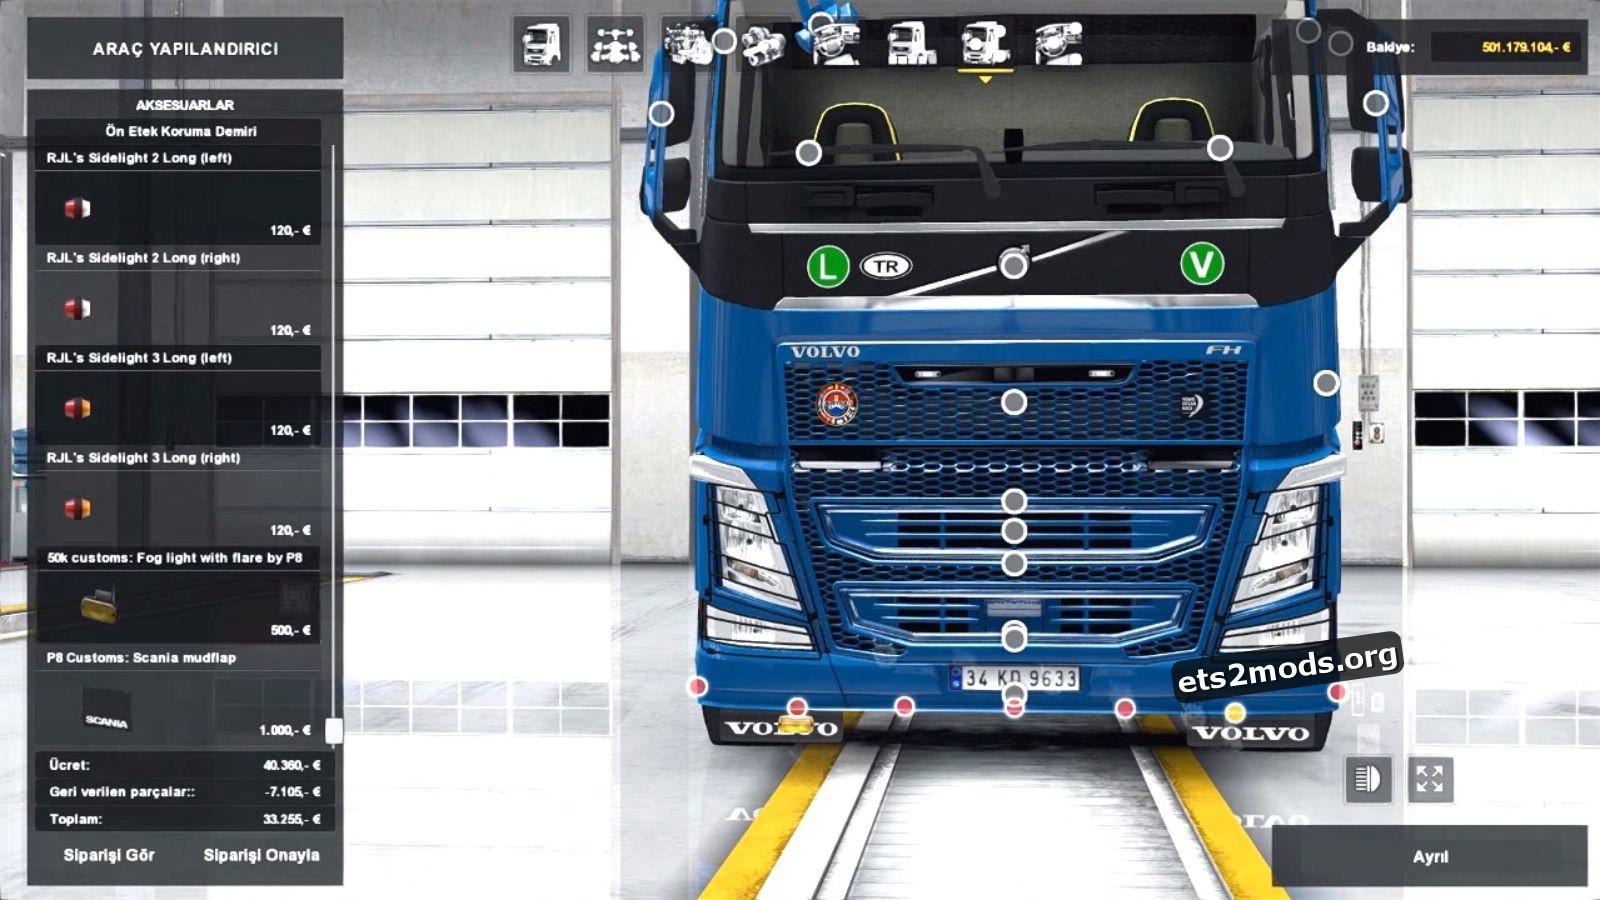 Accessories + Interior v 2.2 for New Volvo FH16